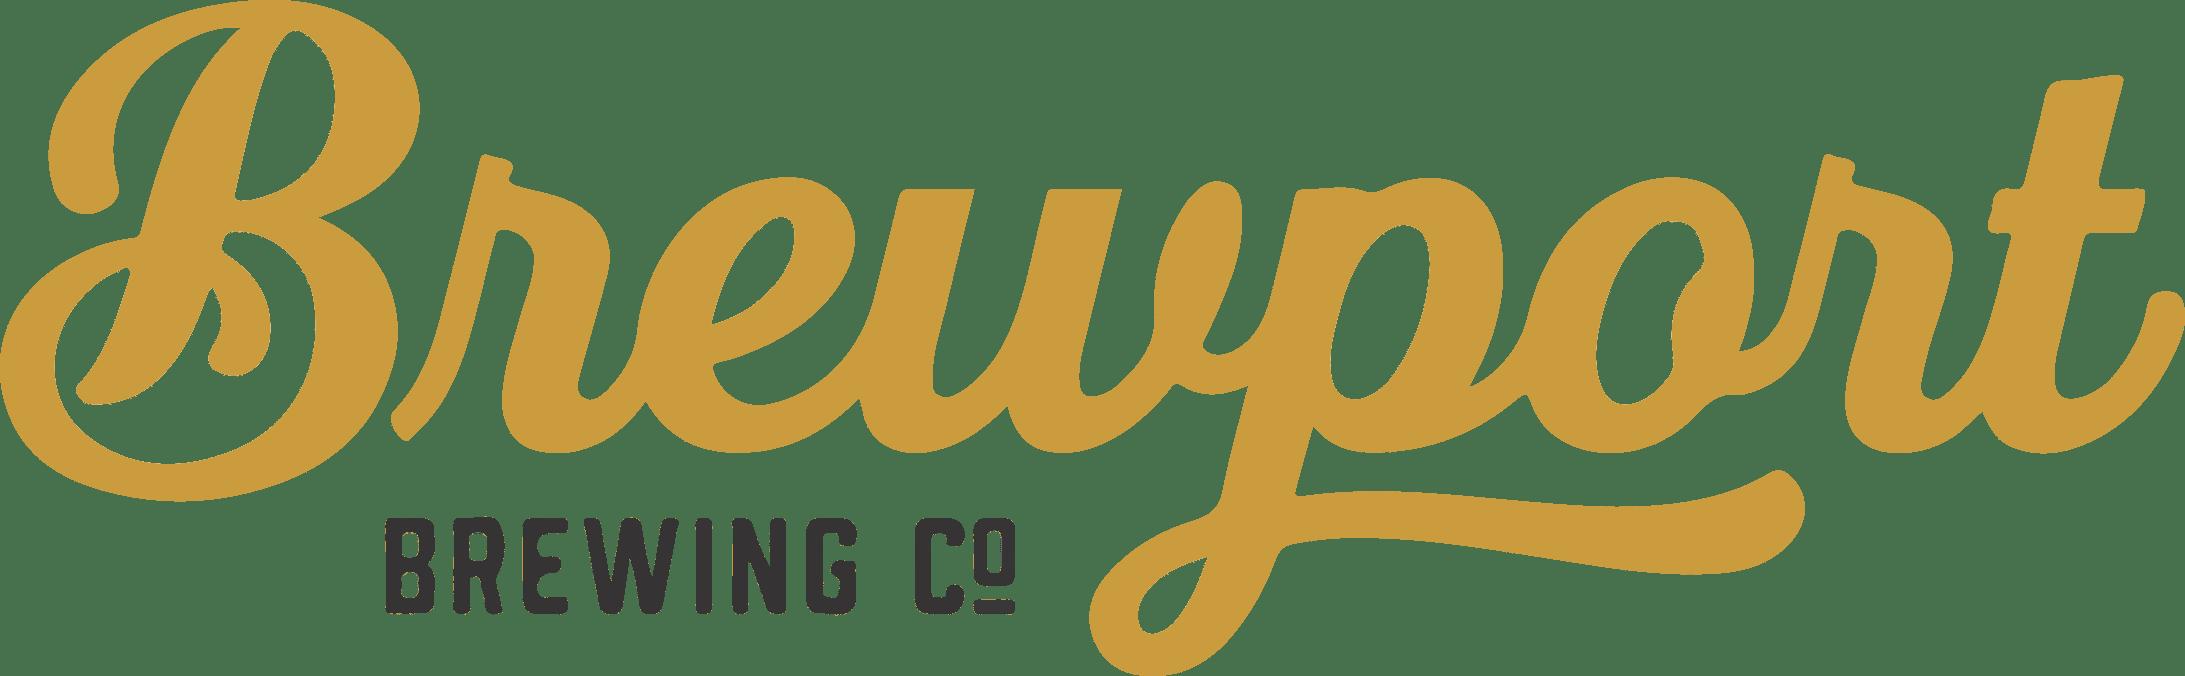 Brewport Logo